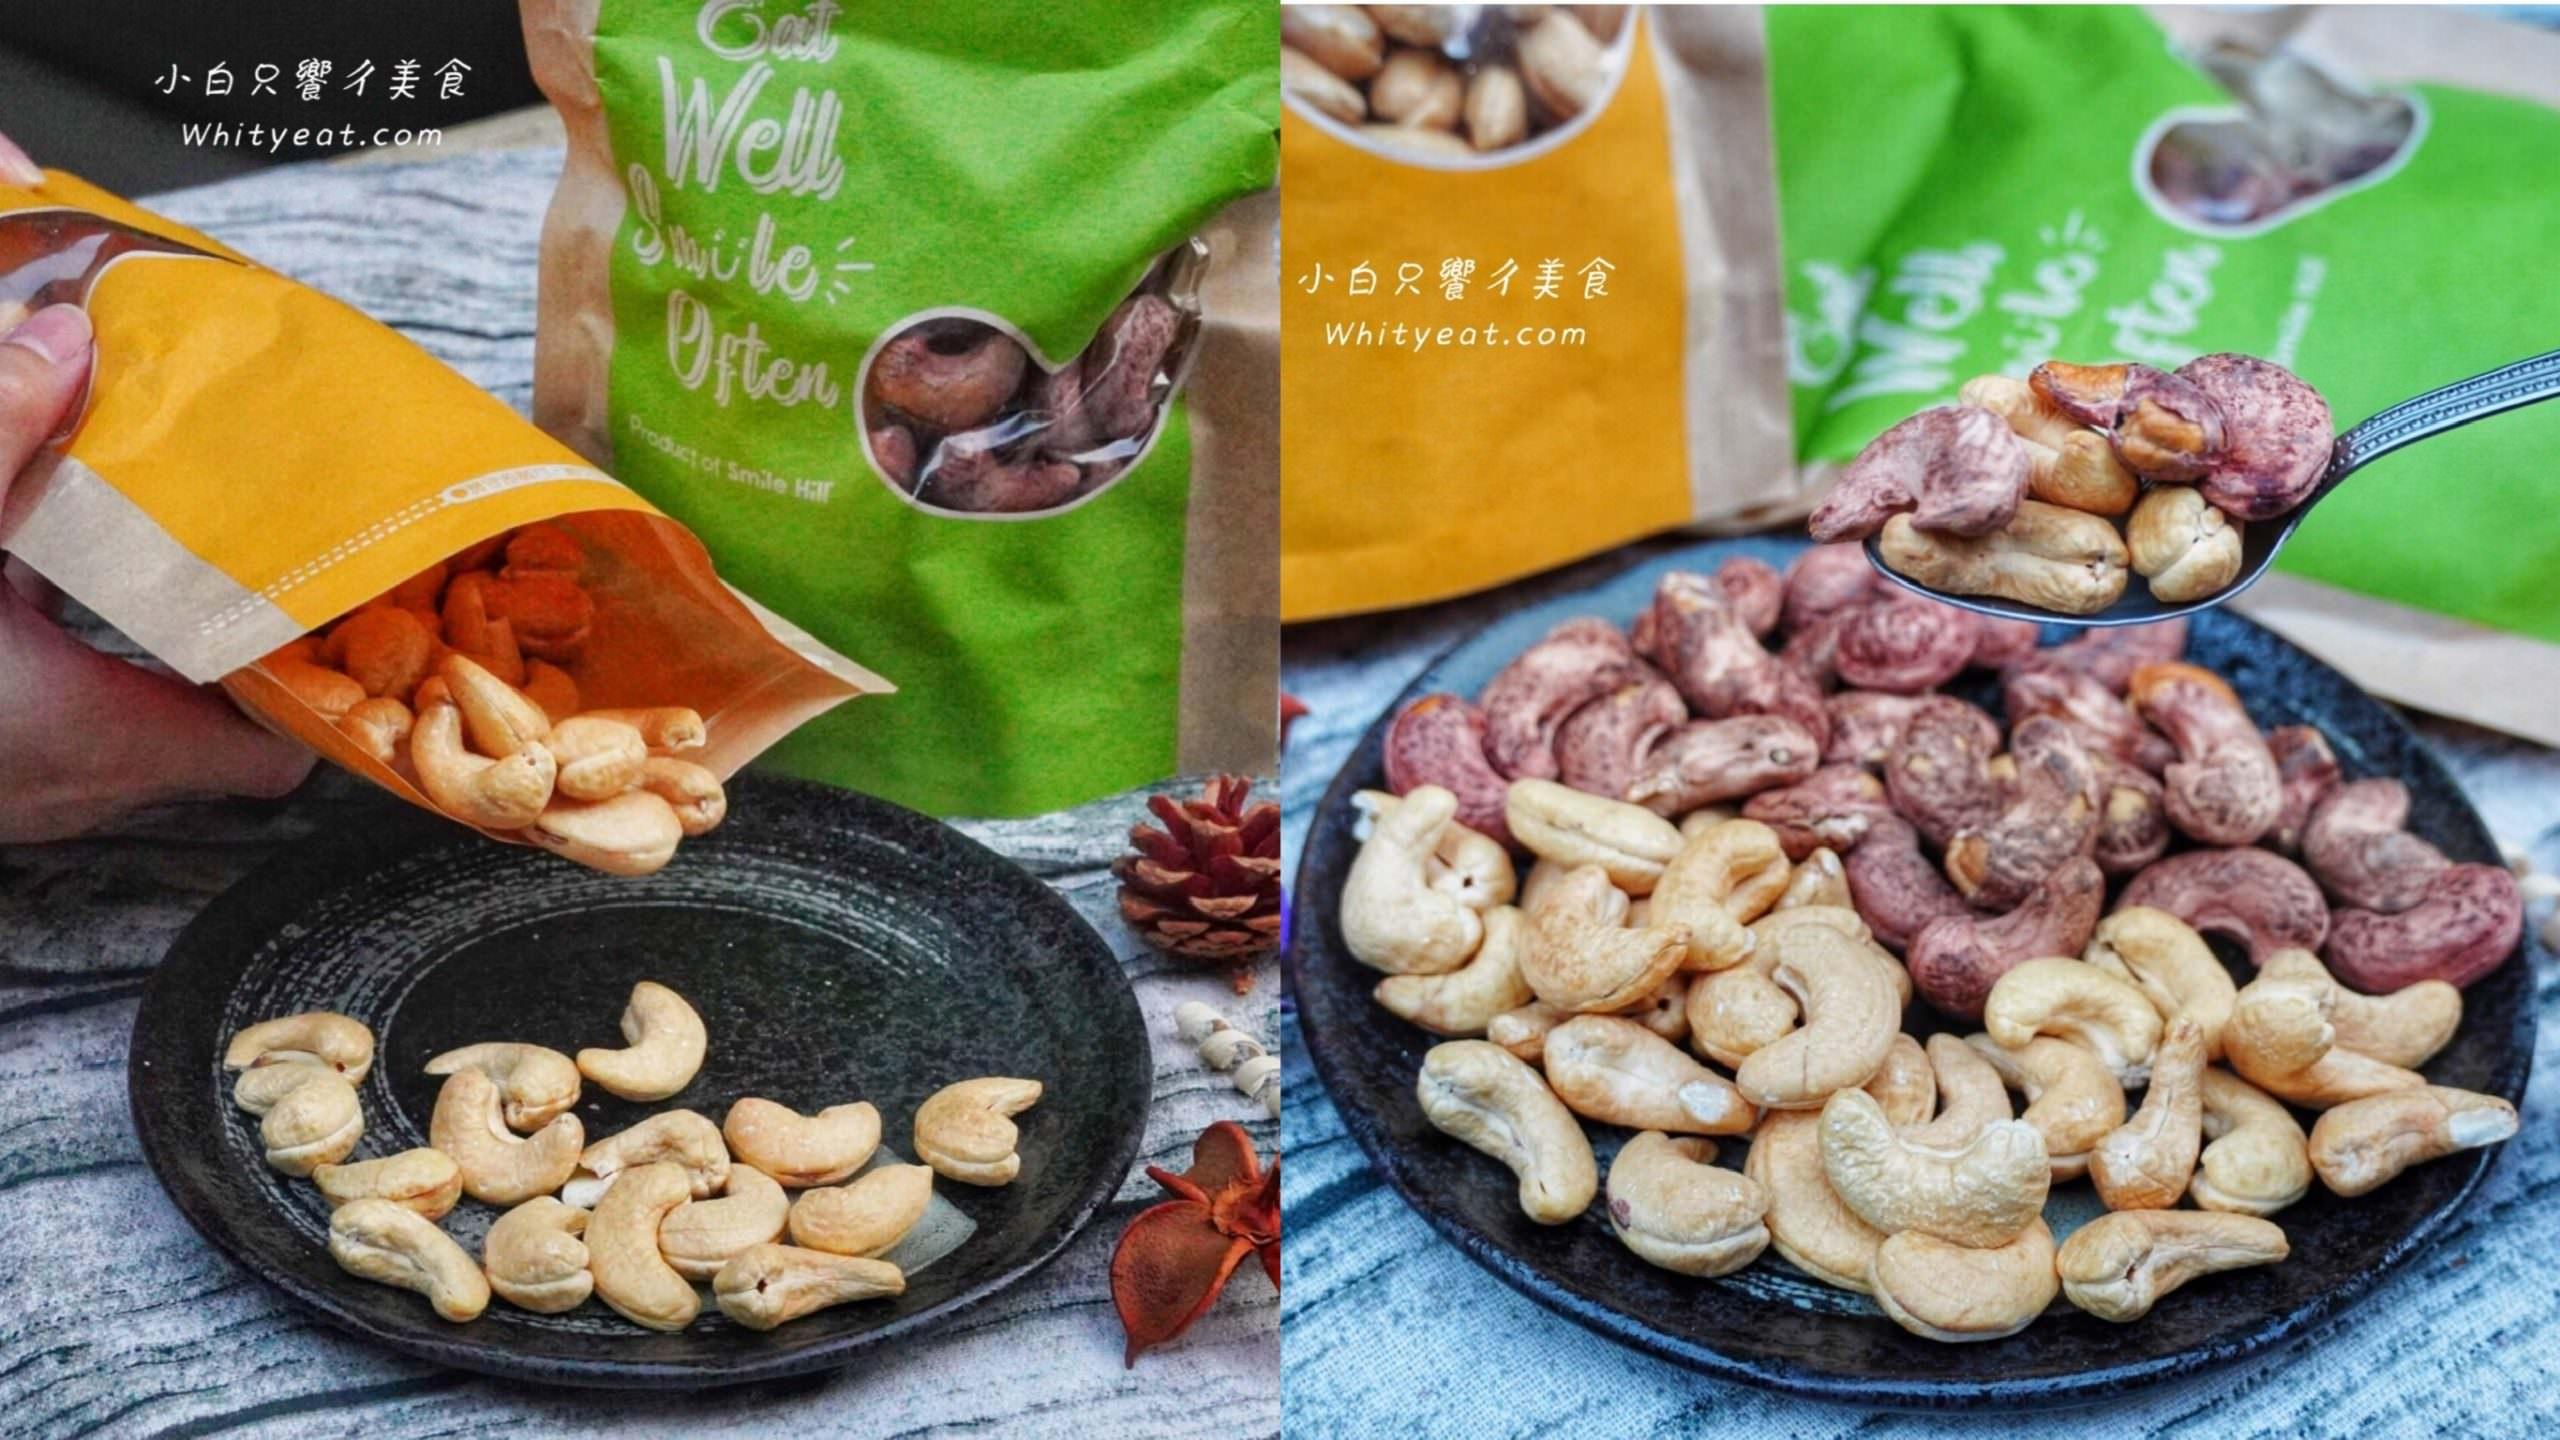 【宅配美食】來自柬埔寨的「Welwel腰果」 加入會員就送50元再打85折/滿額享超取免運